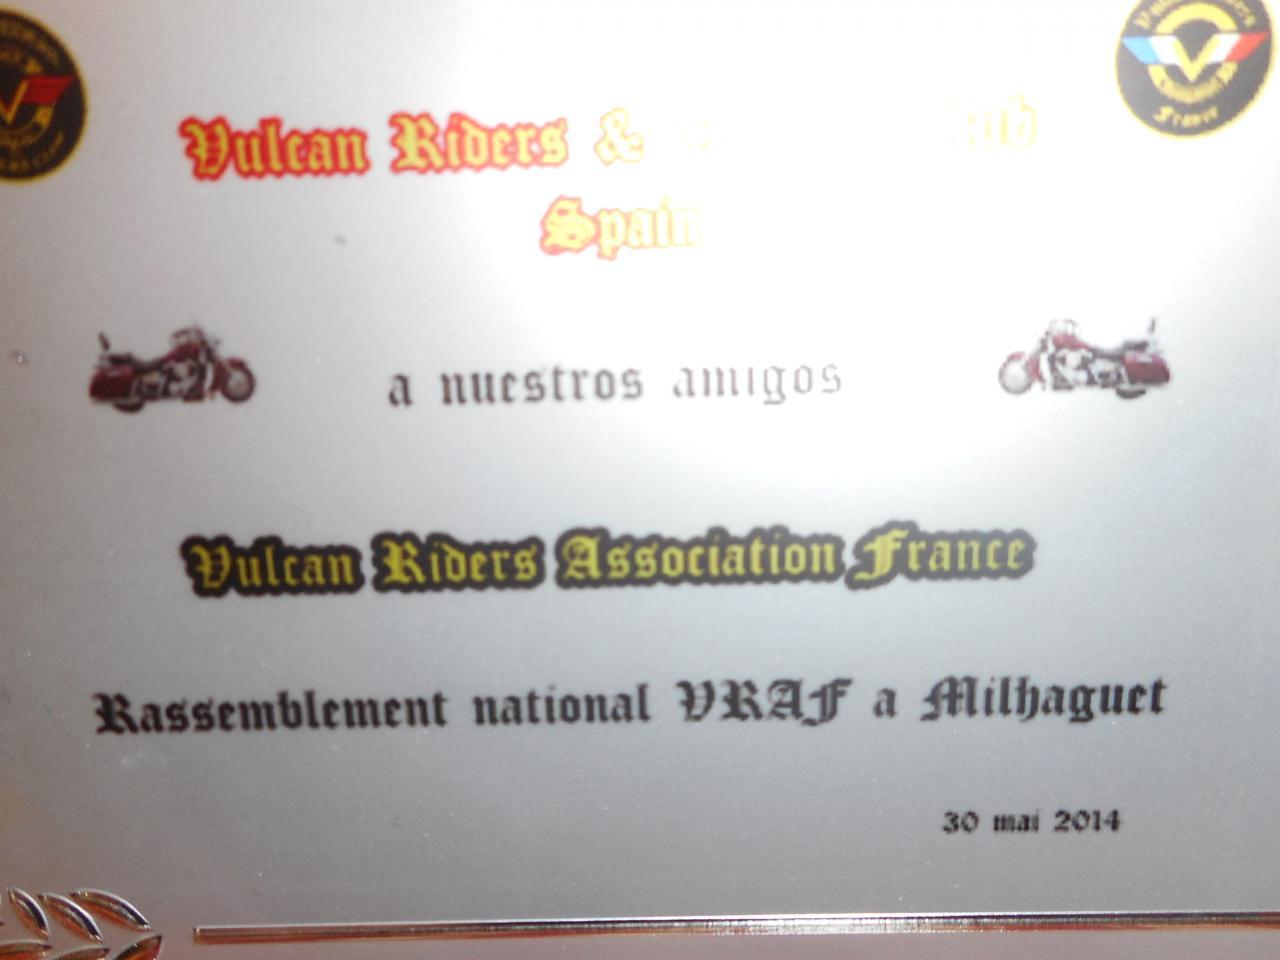 Milhaguet 2014